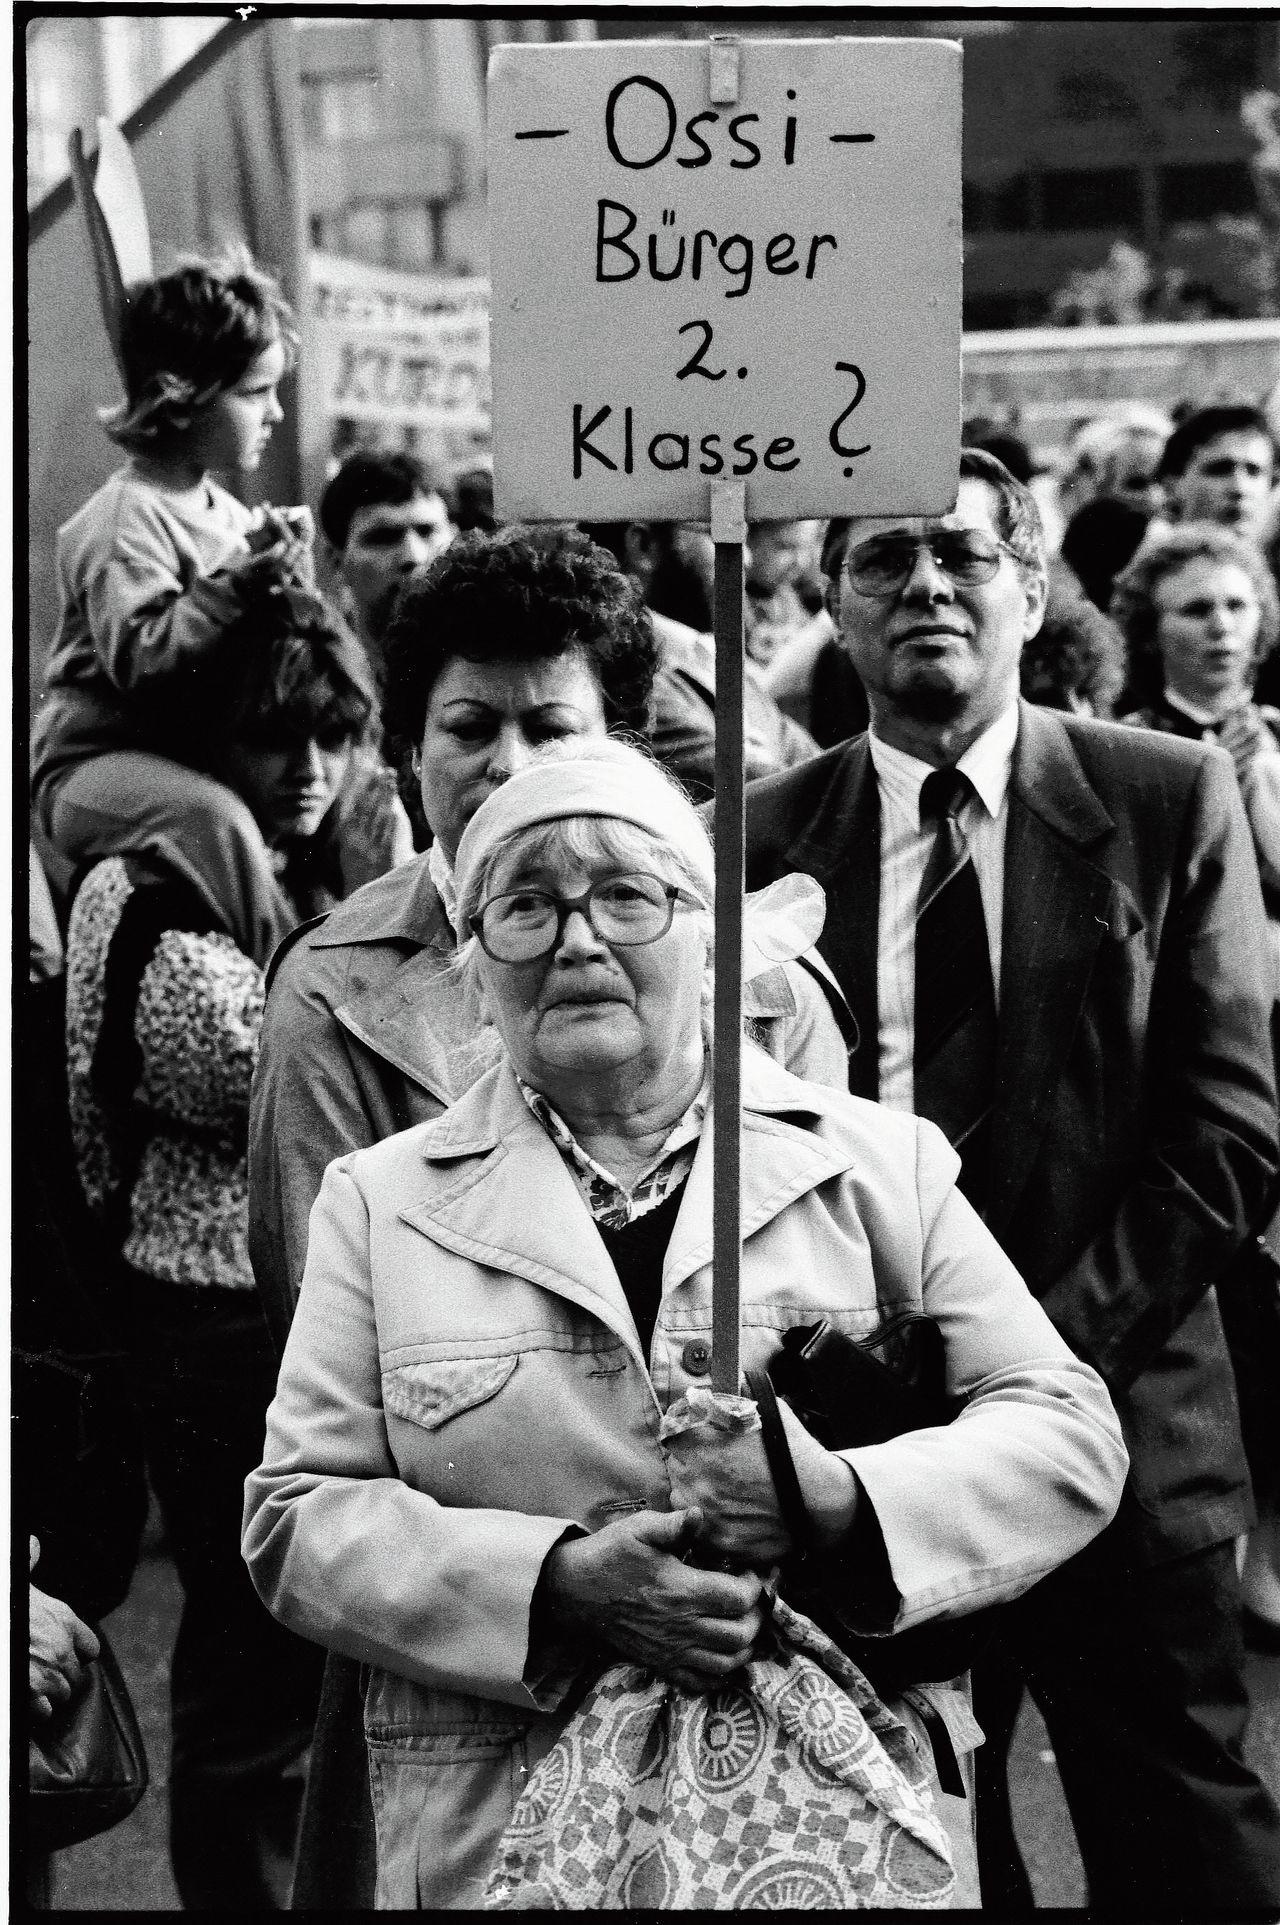 Een inwoner van de DDR voelt zich tijdens een demonstratie in Leipzig in maart 1990, een half jaar voor de eenwording van Duitsland, tweederangs burger.